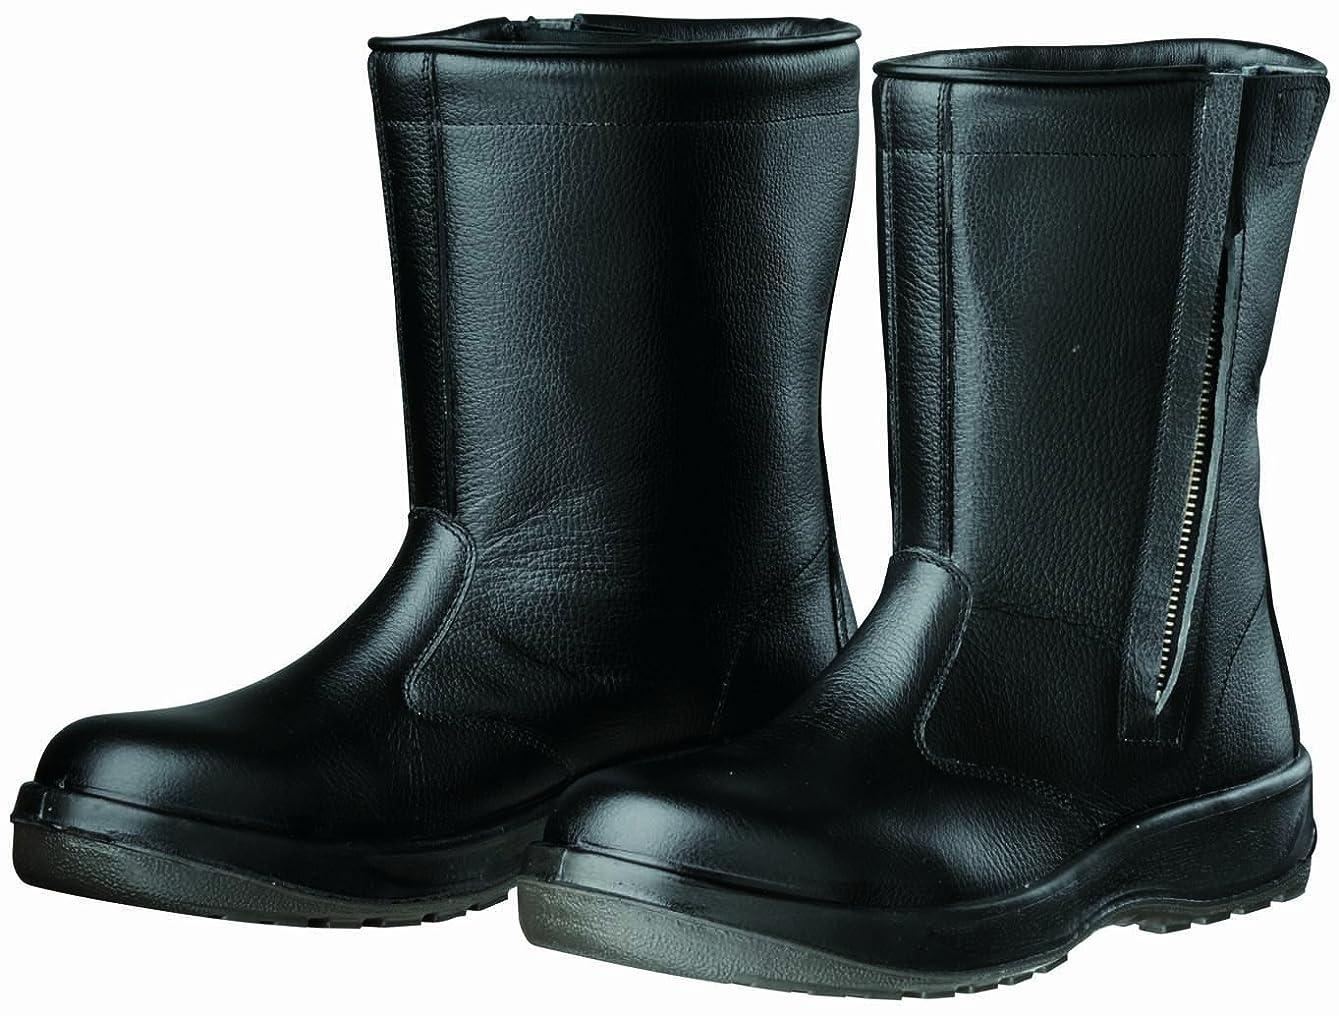 フィヨルド貫入直感Dynasty 安全靴 半長靴 PU二層底 耐滑 かかと衝撃吸収 JIS T8101革製 S種E?F合格(D式) D-7006 D-7006 メンズ